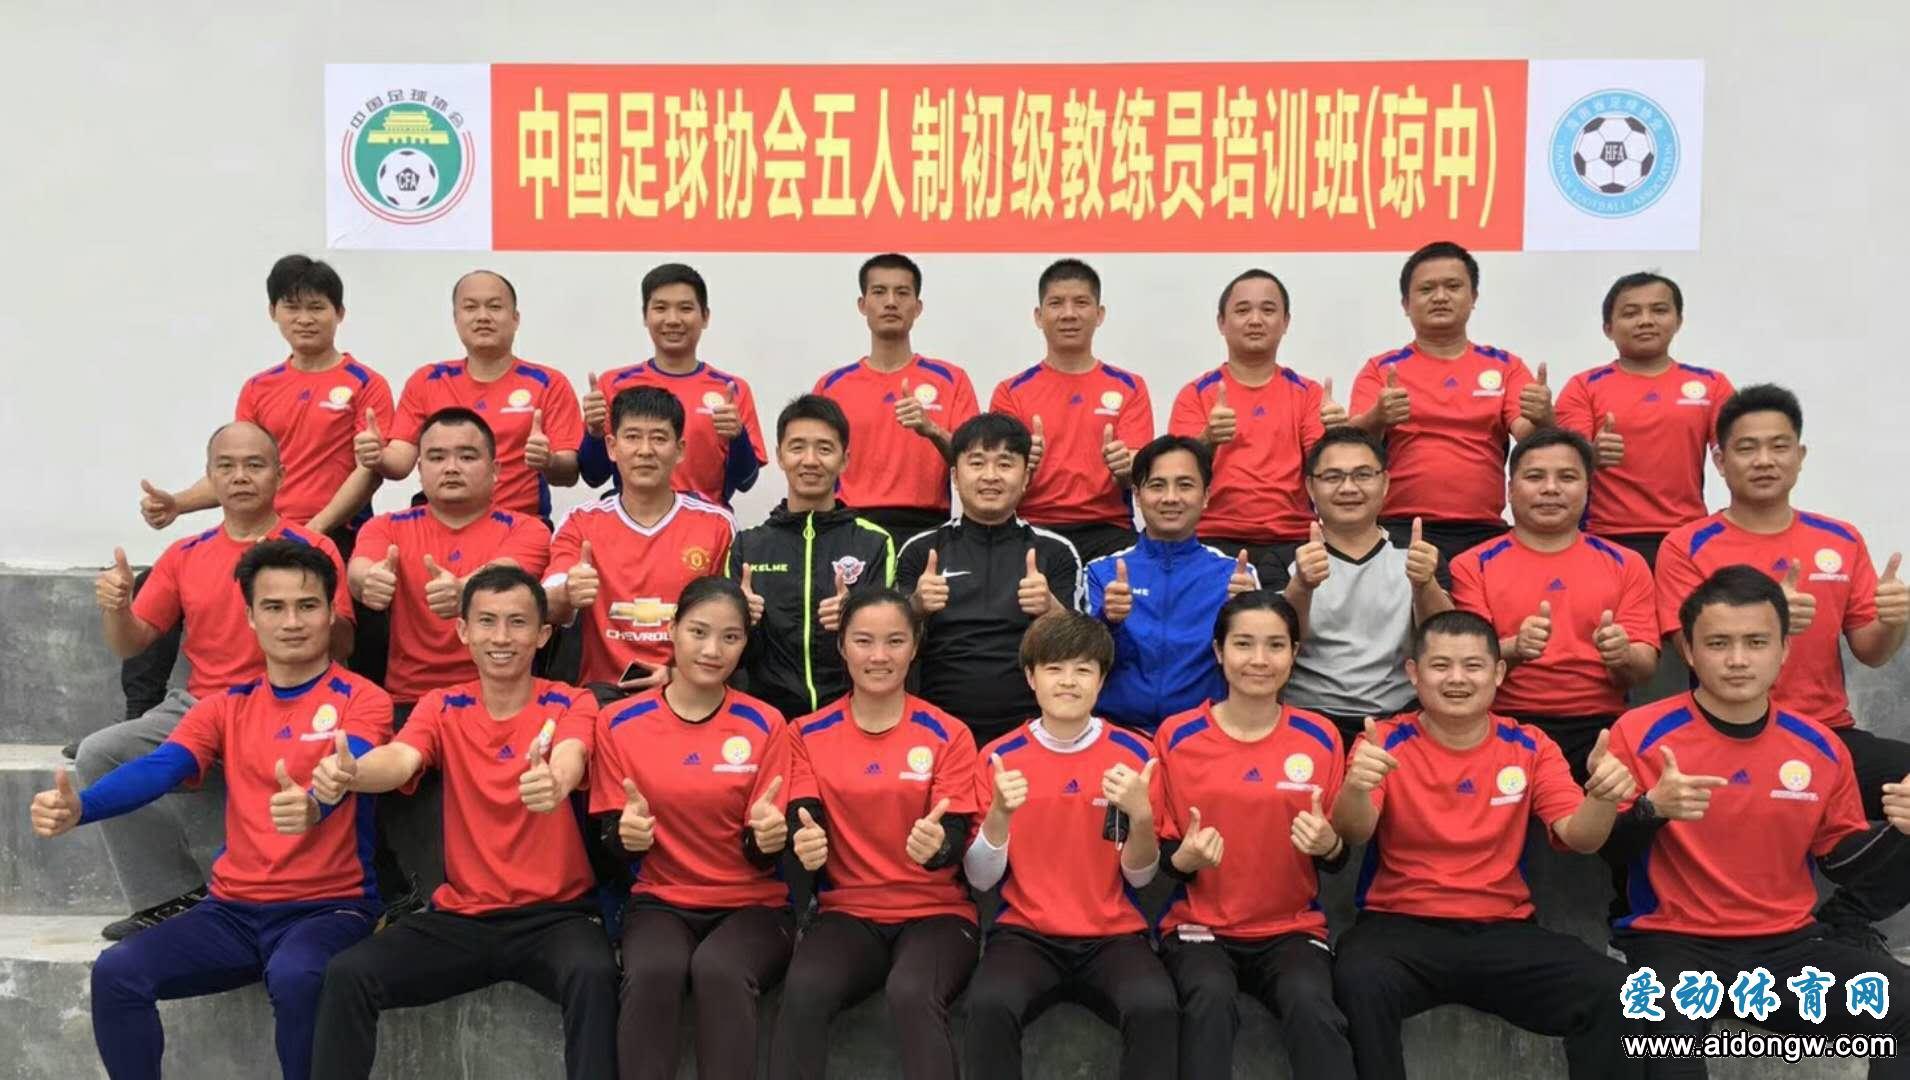 2018年中国足协室内五人制初级教练培训琼中结课 今年或将有6期培训班在市县开班